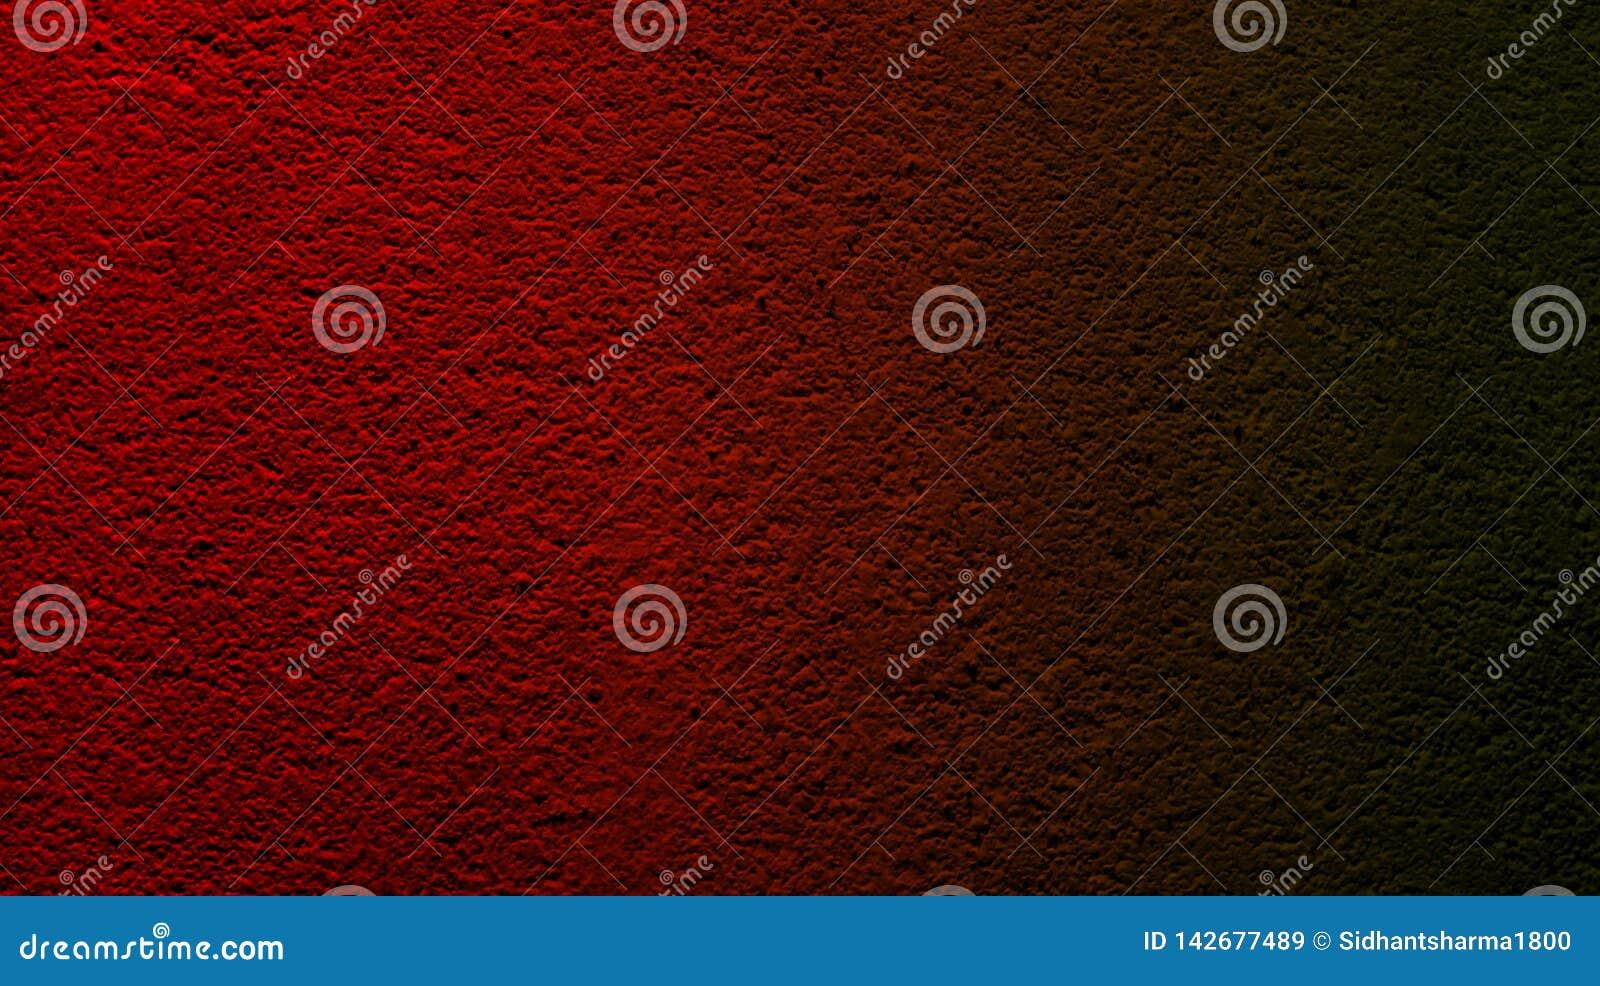 Abstracte rode zwarte kleur met achtergrond van de muur de ruwe droge textuur